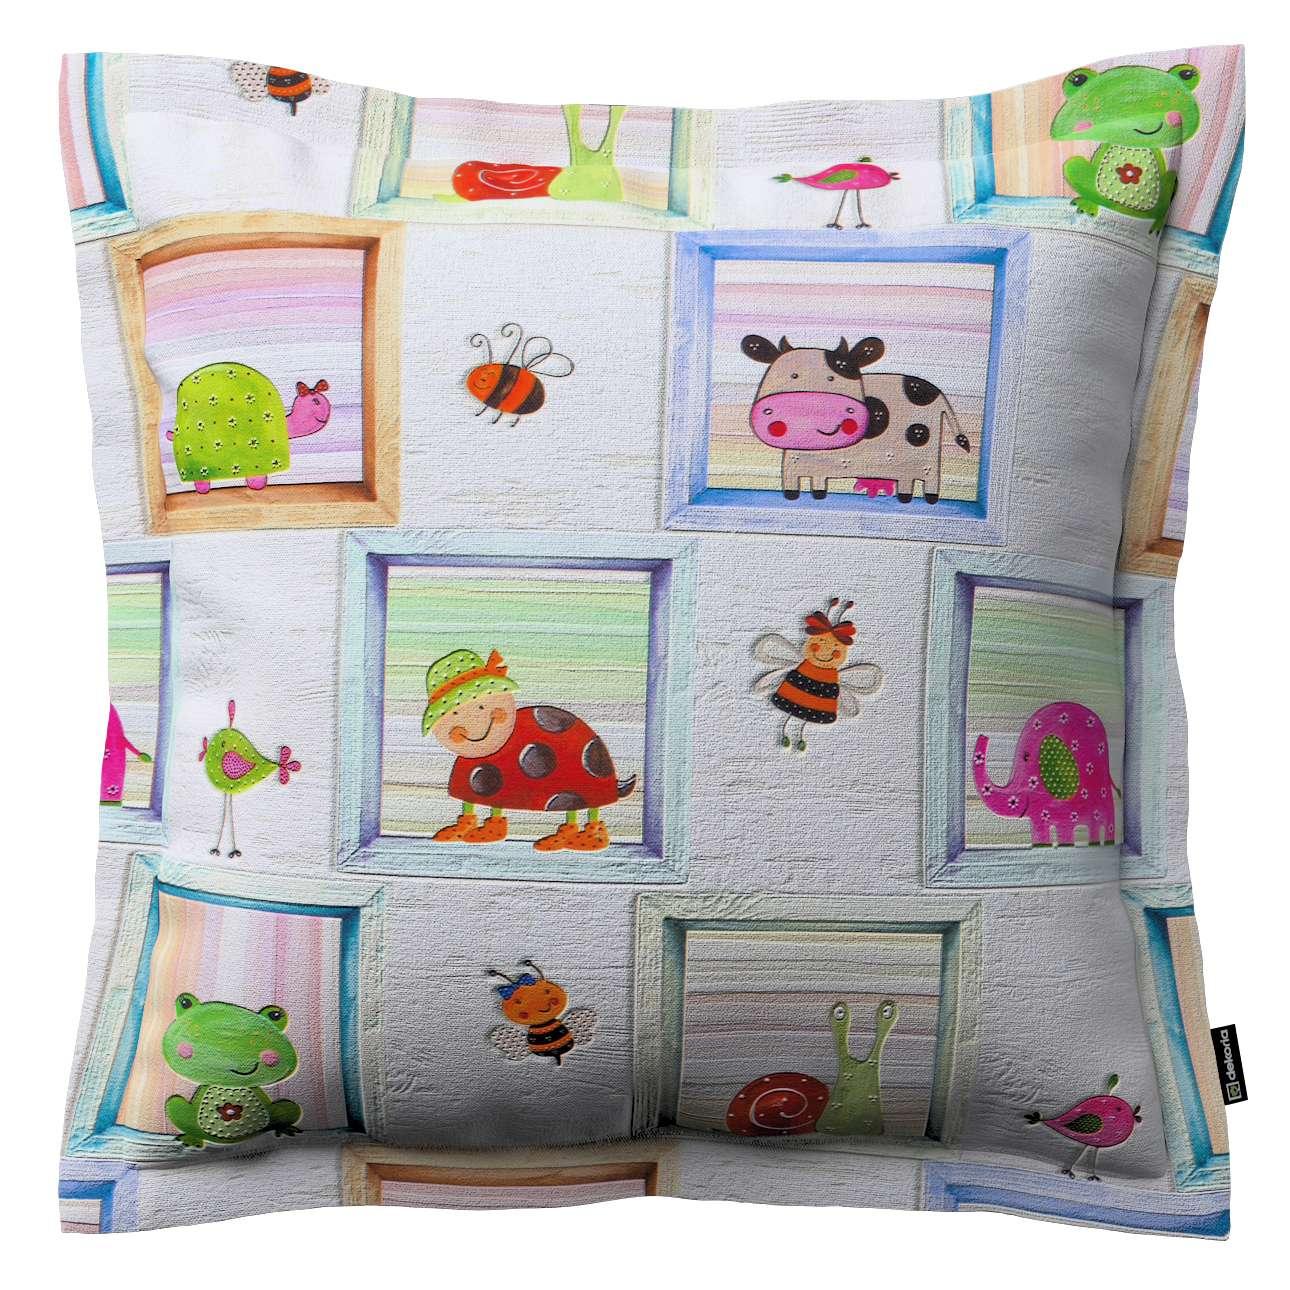 Mona dekoratyvinių pagalvėlių užvalkalas su sienele 38 x 38 cm kolekcijoje Apanona, audinys: 151-04